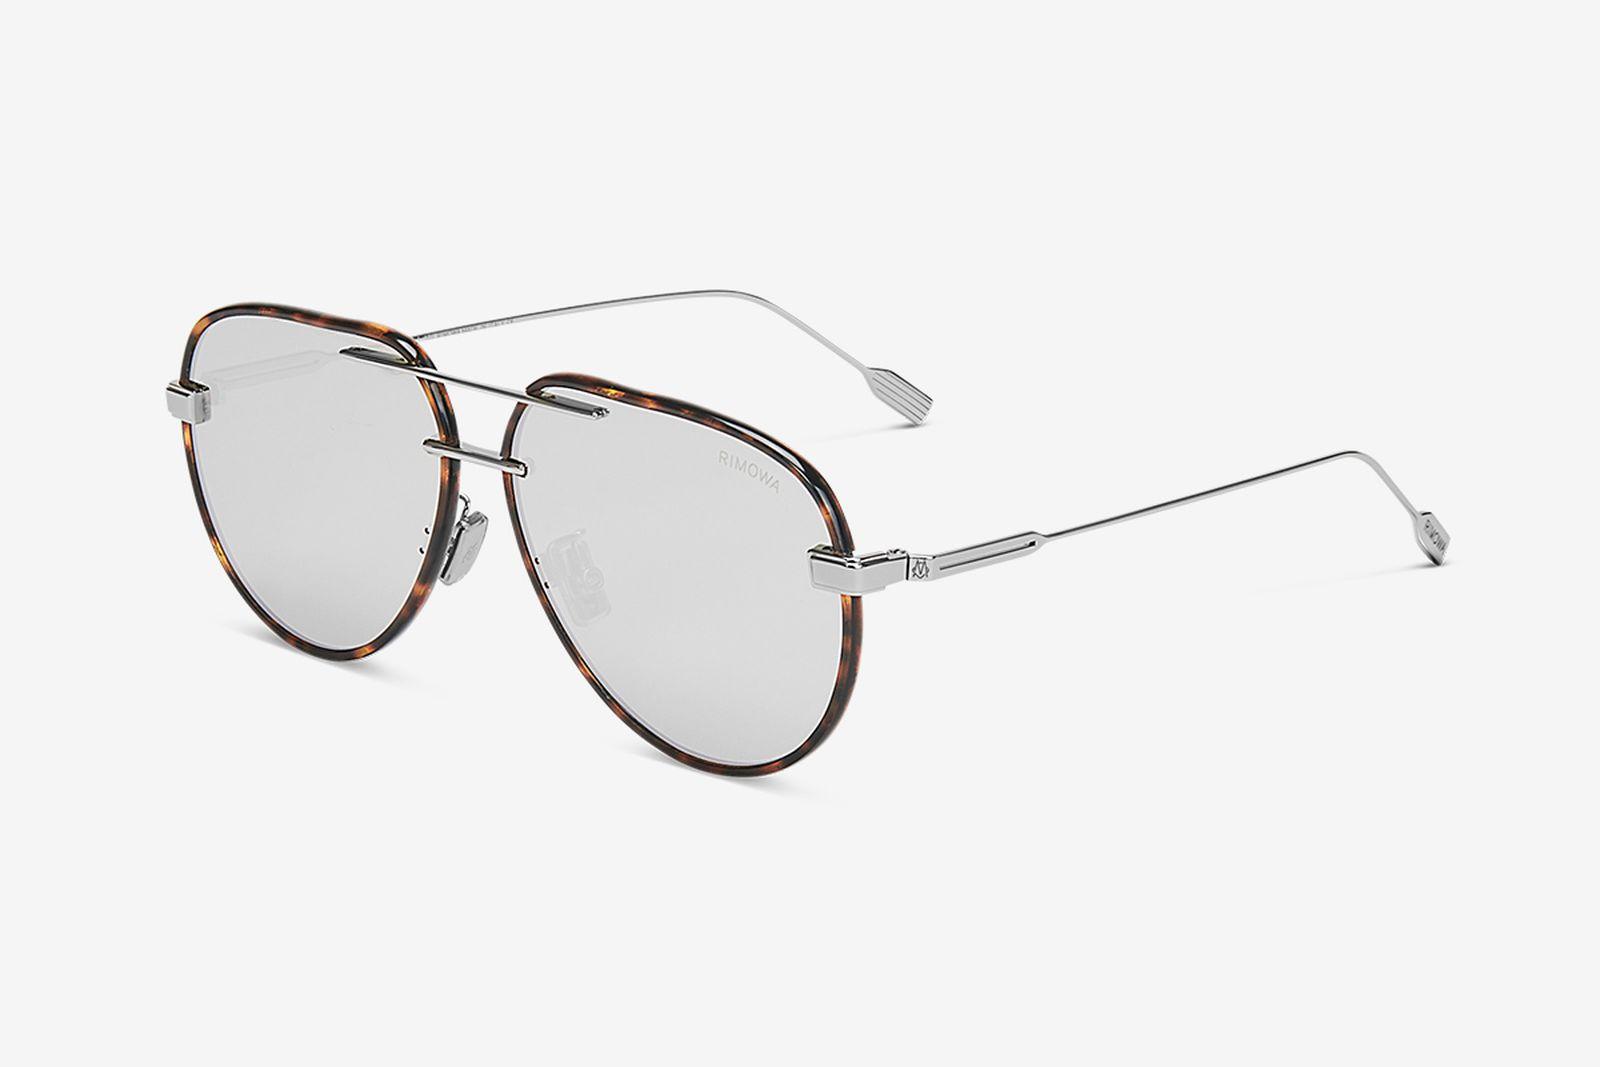 rimowa-eyewear-26